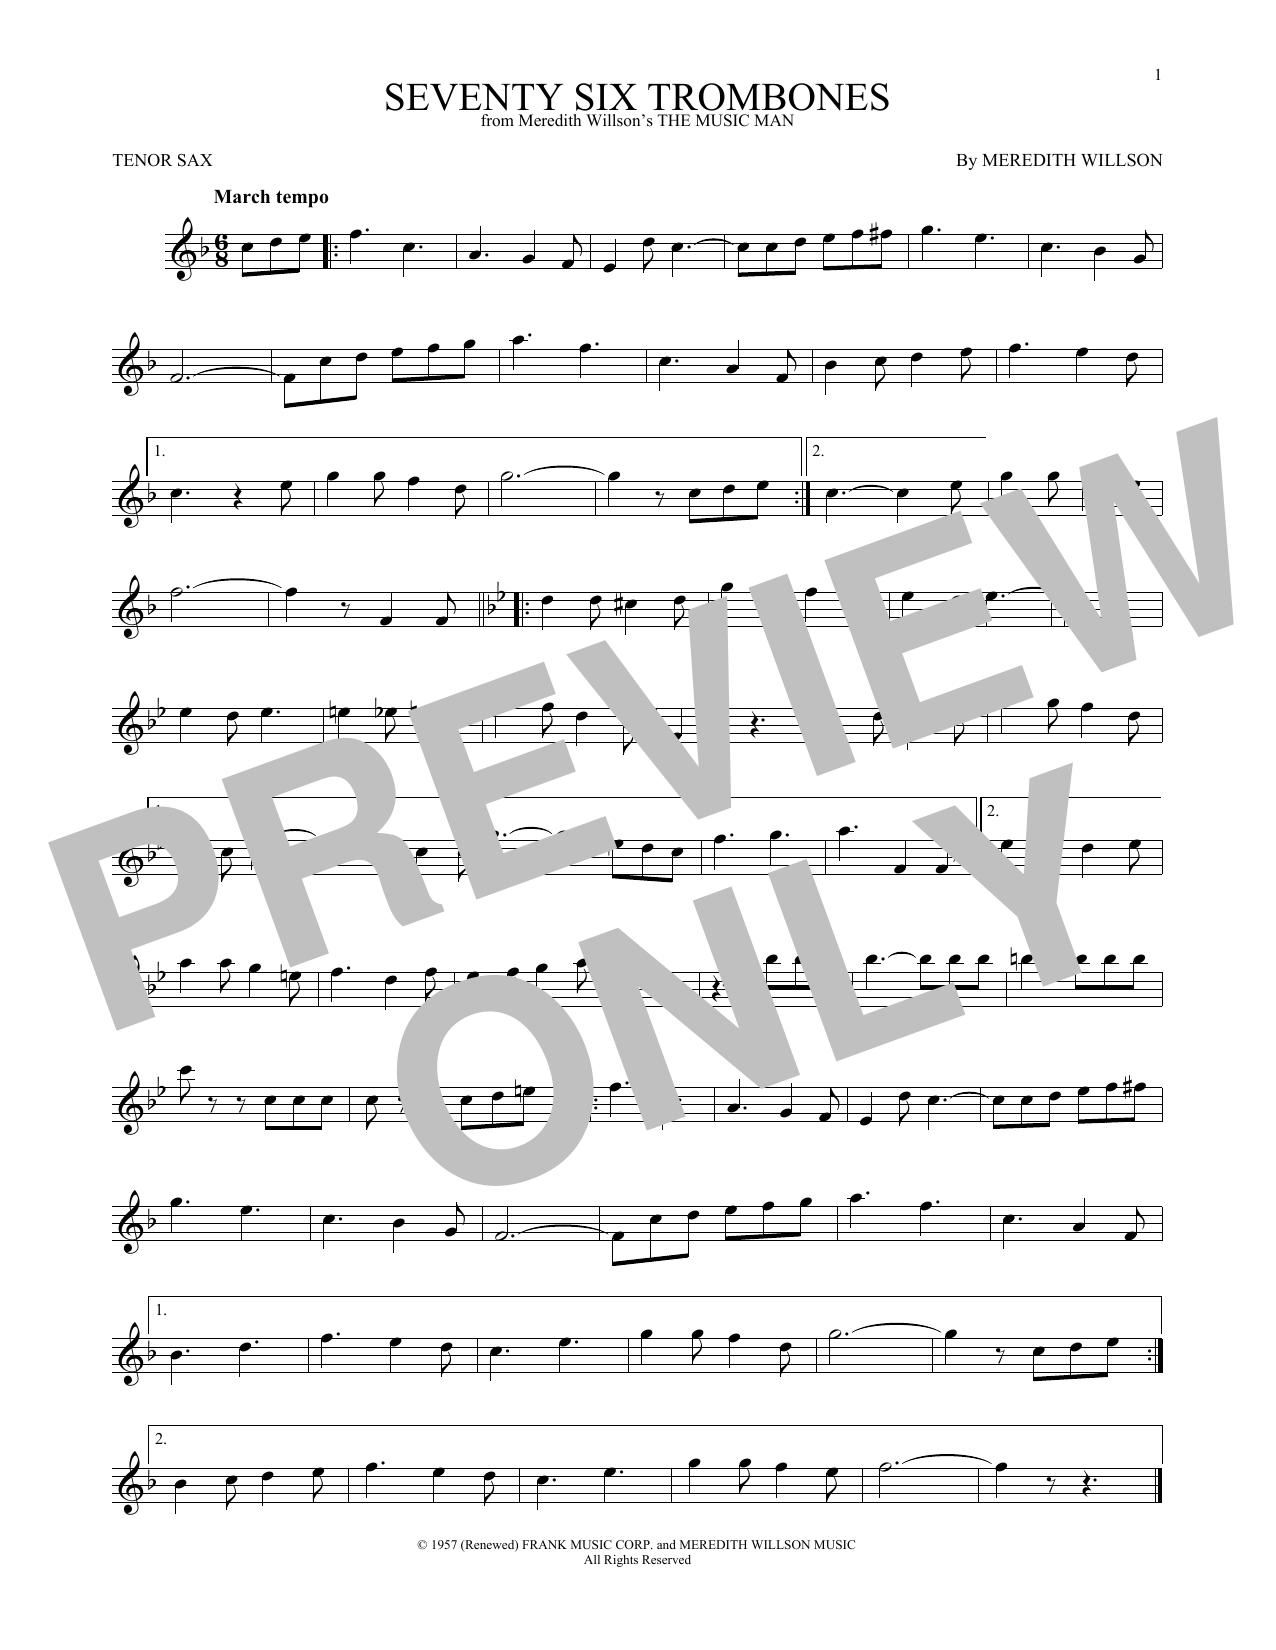 Seventy Six Trombones (Tenor Sax Solo)